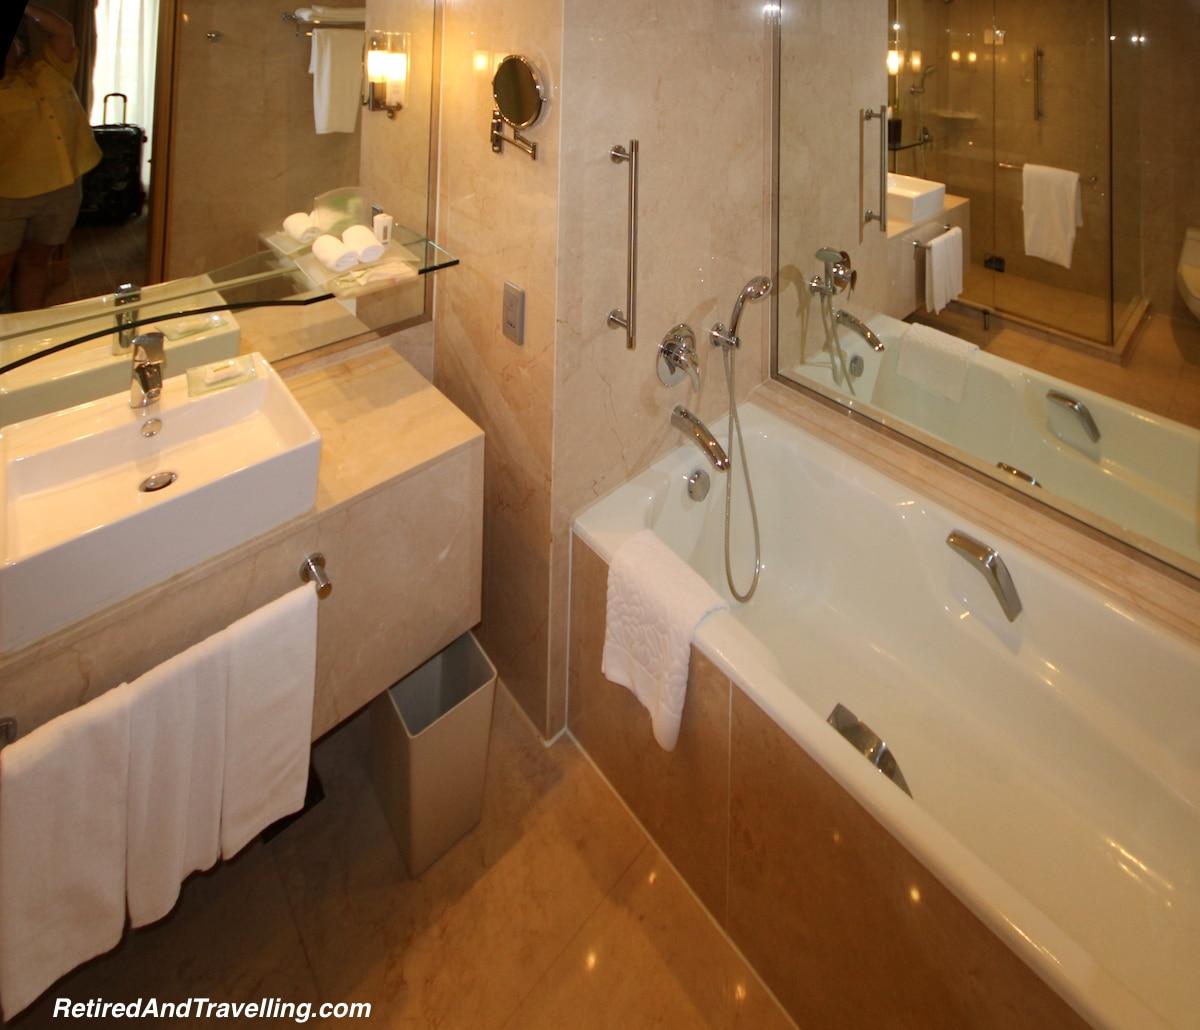 Luxury Bathtub - Luxury Travel.jpg